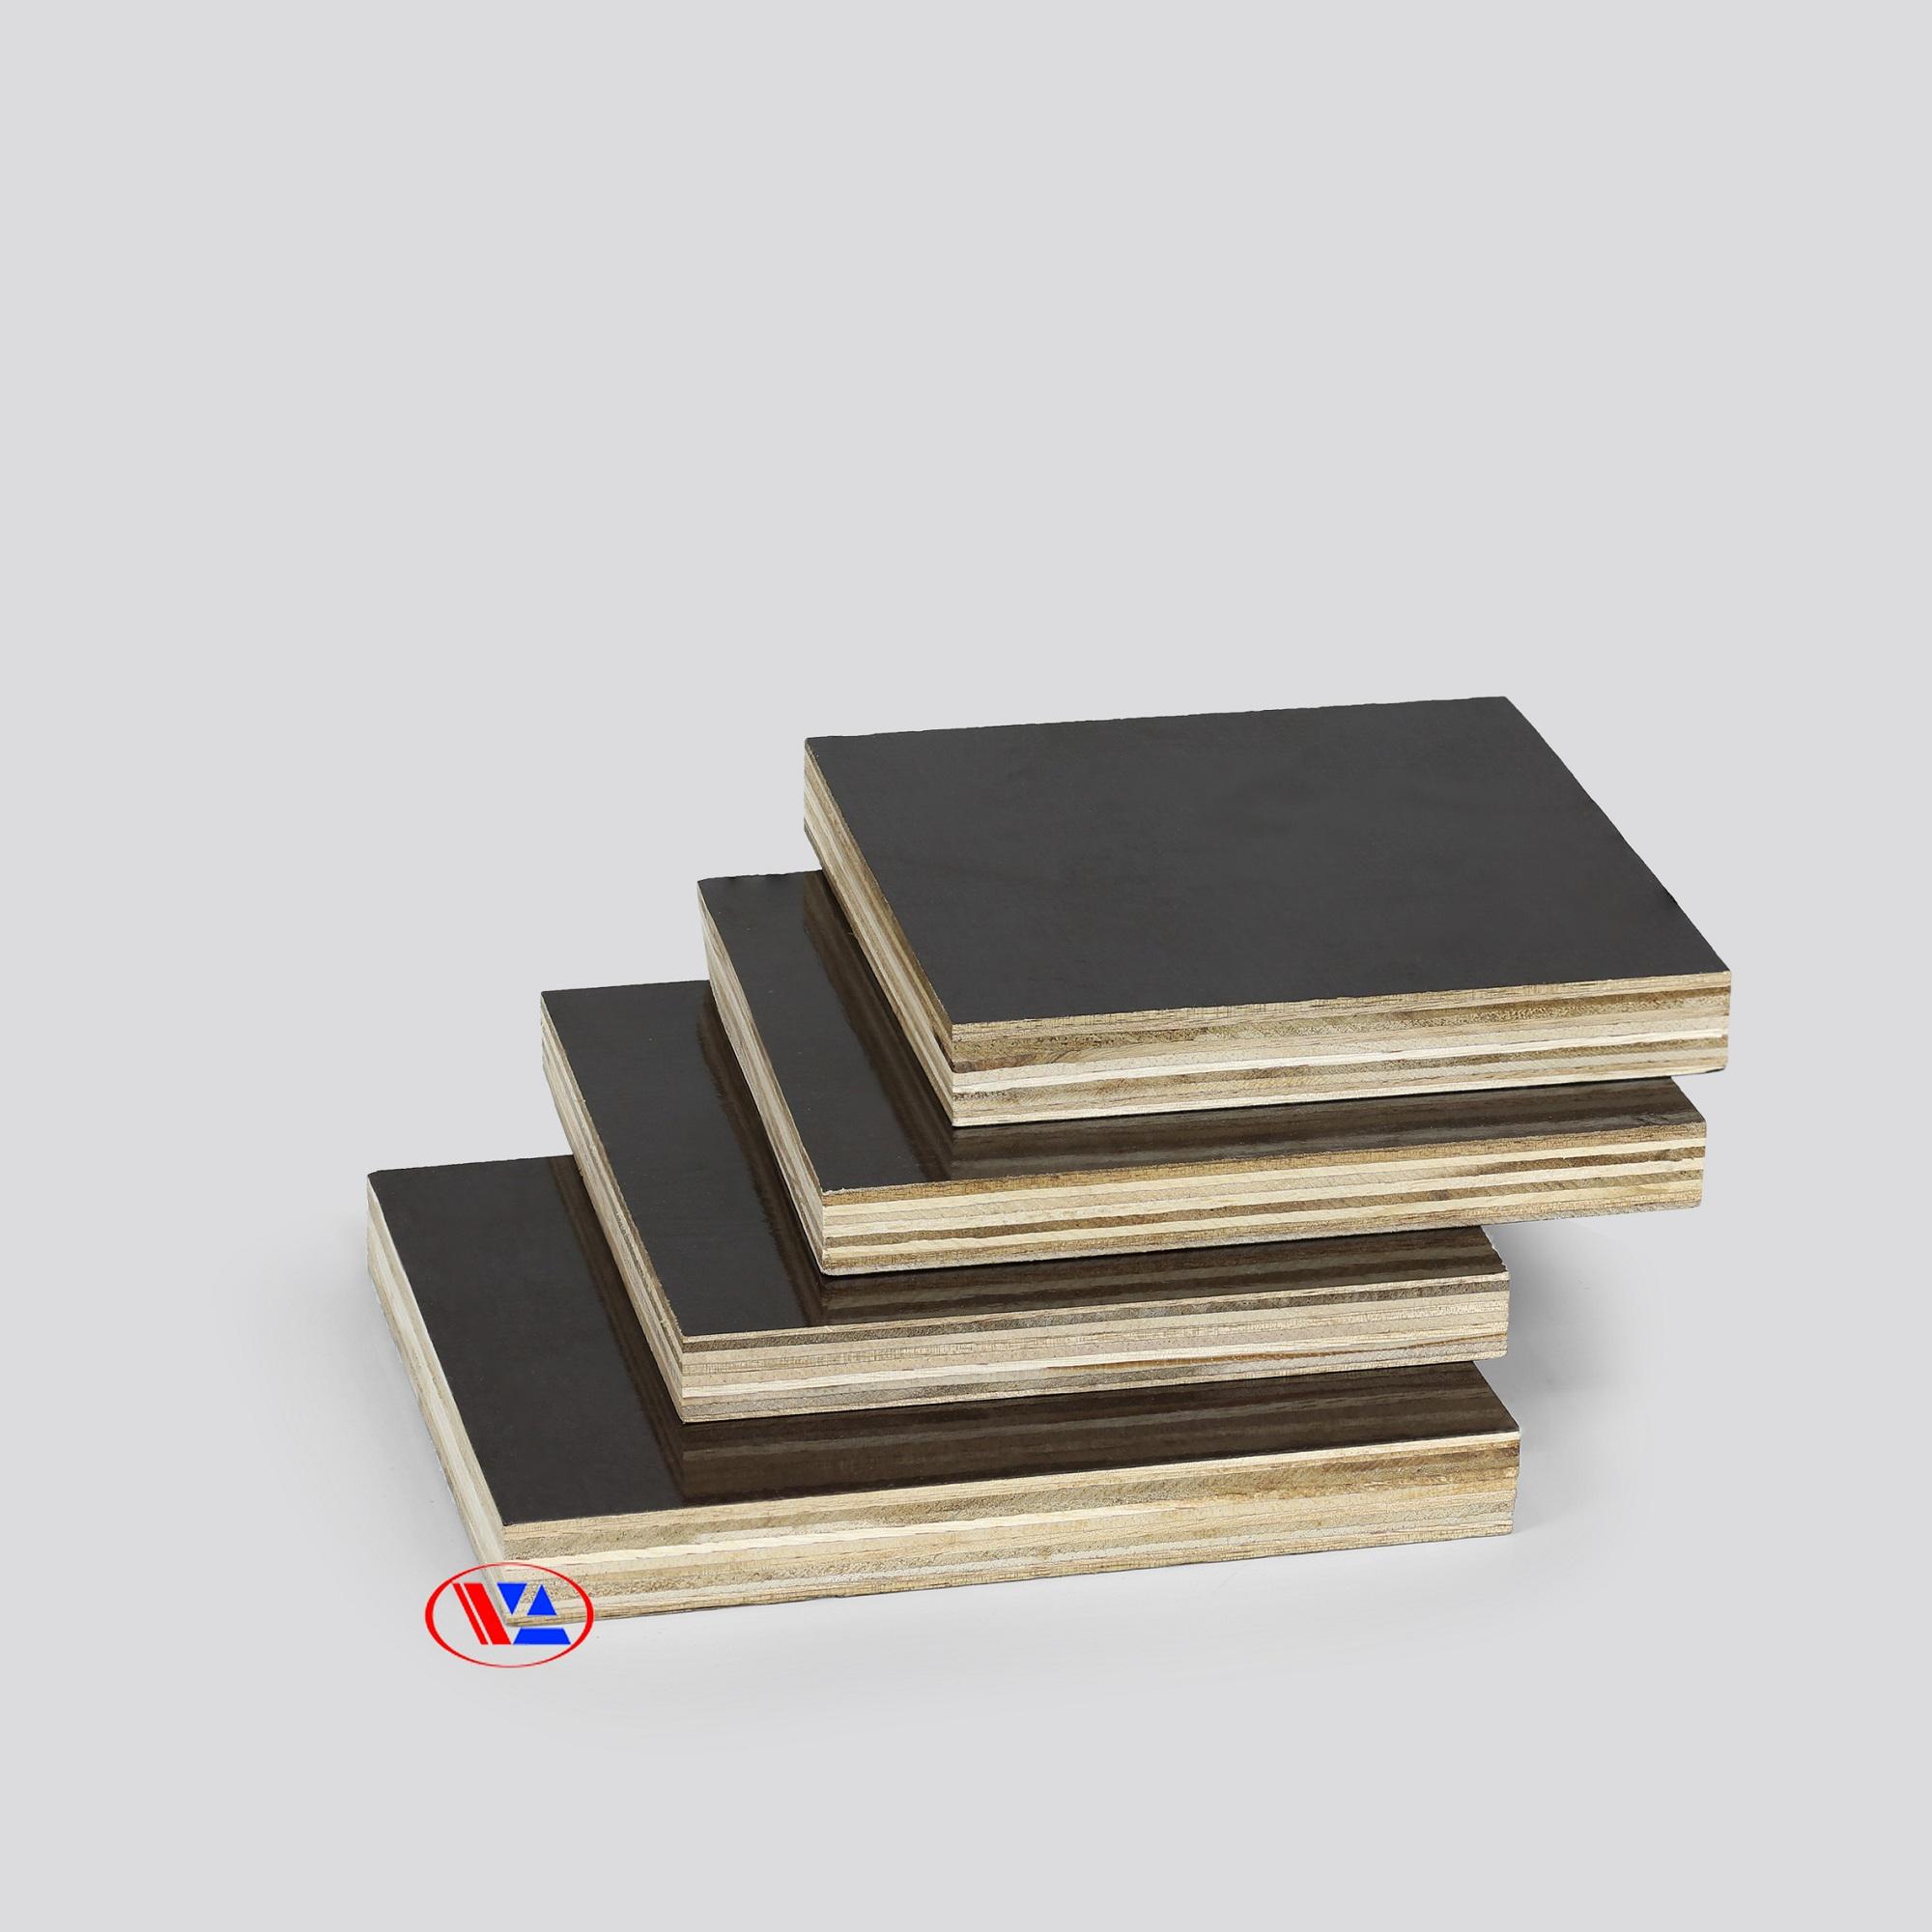 công ty sản xuất gỗ ván ép